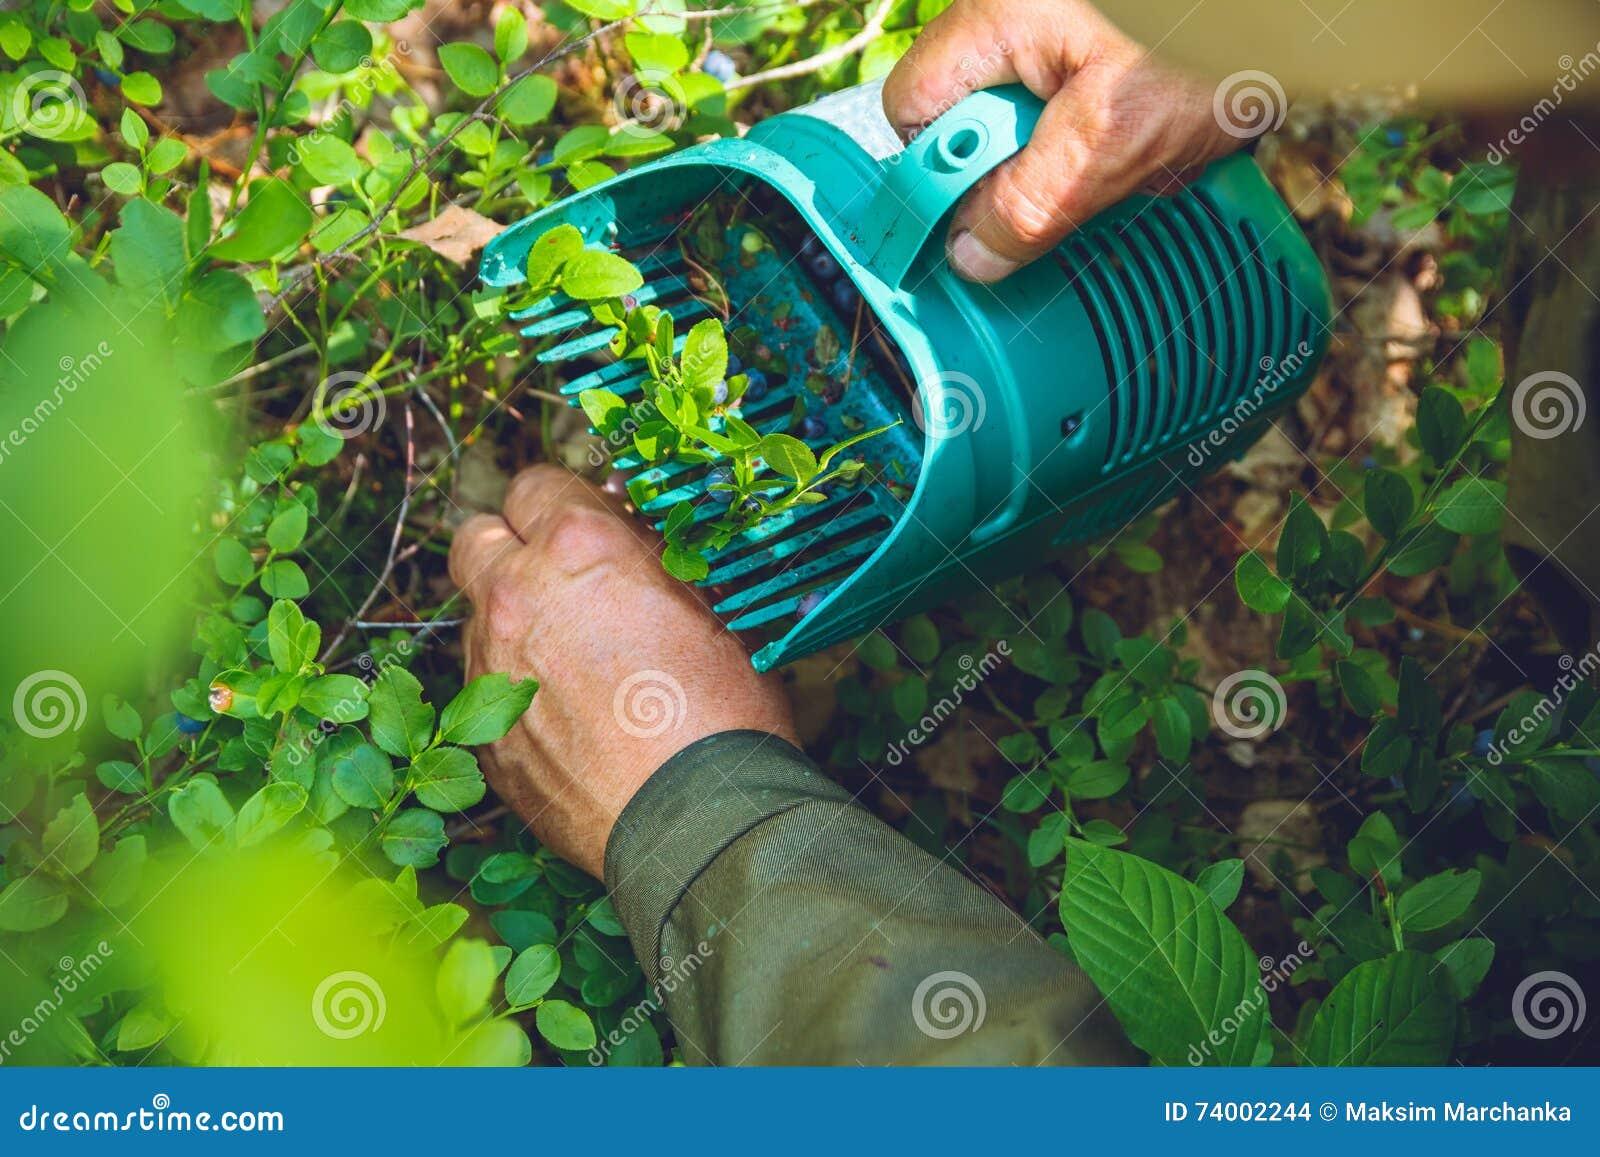 Recolhendo mirtilos na floresta